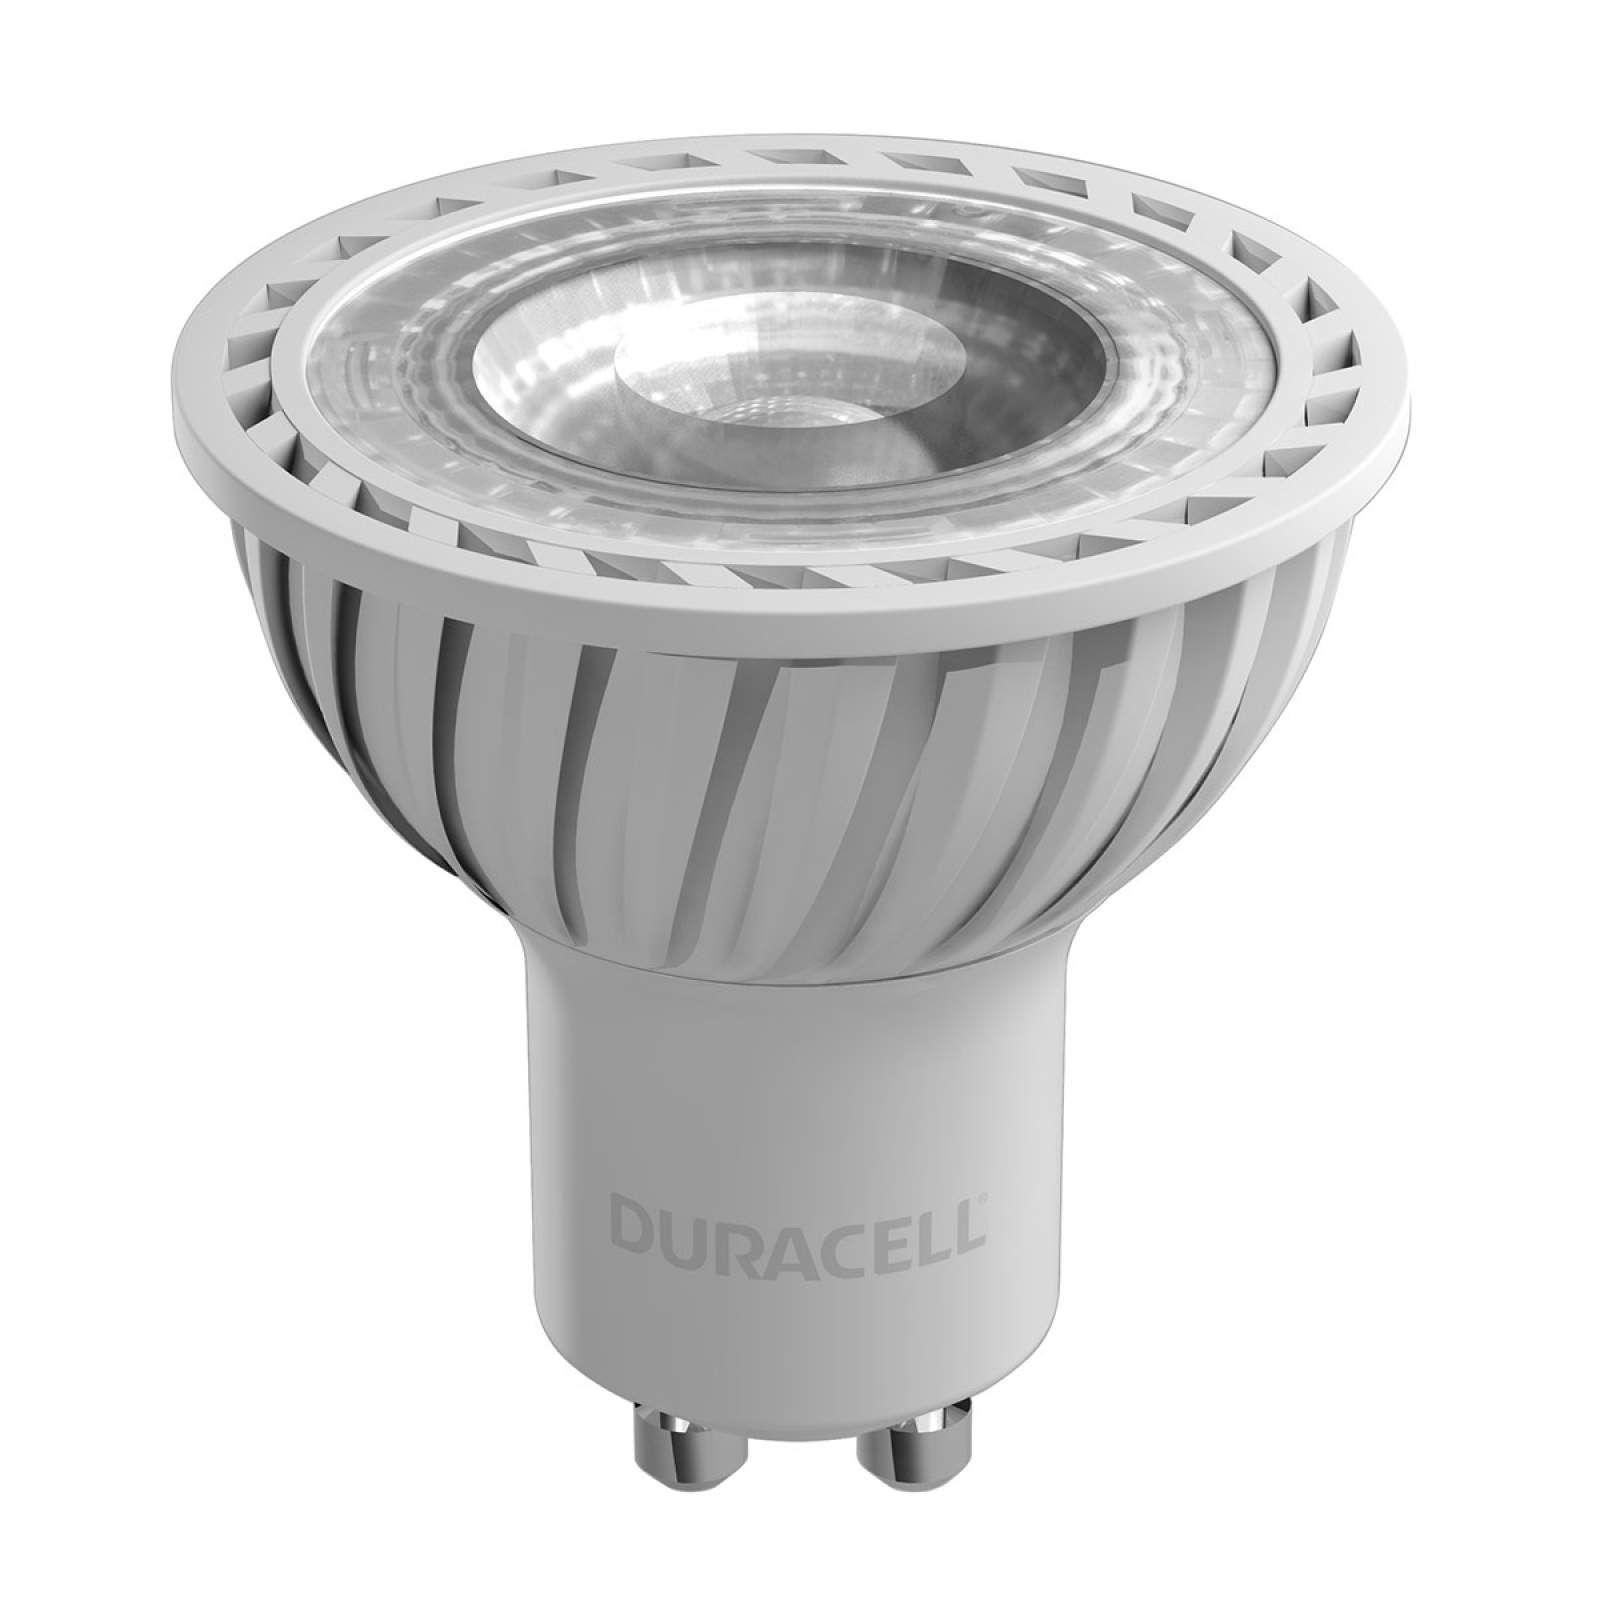 Led Lampe Gu10 Led 5w Von Duracell Led Einbauleuchten Und